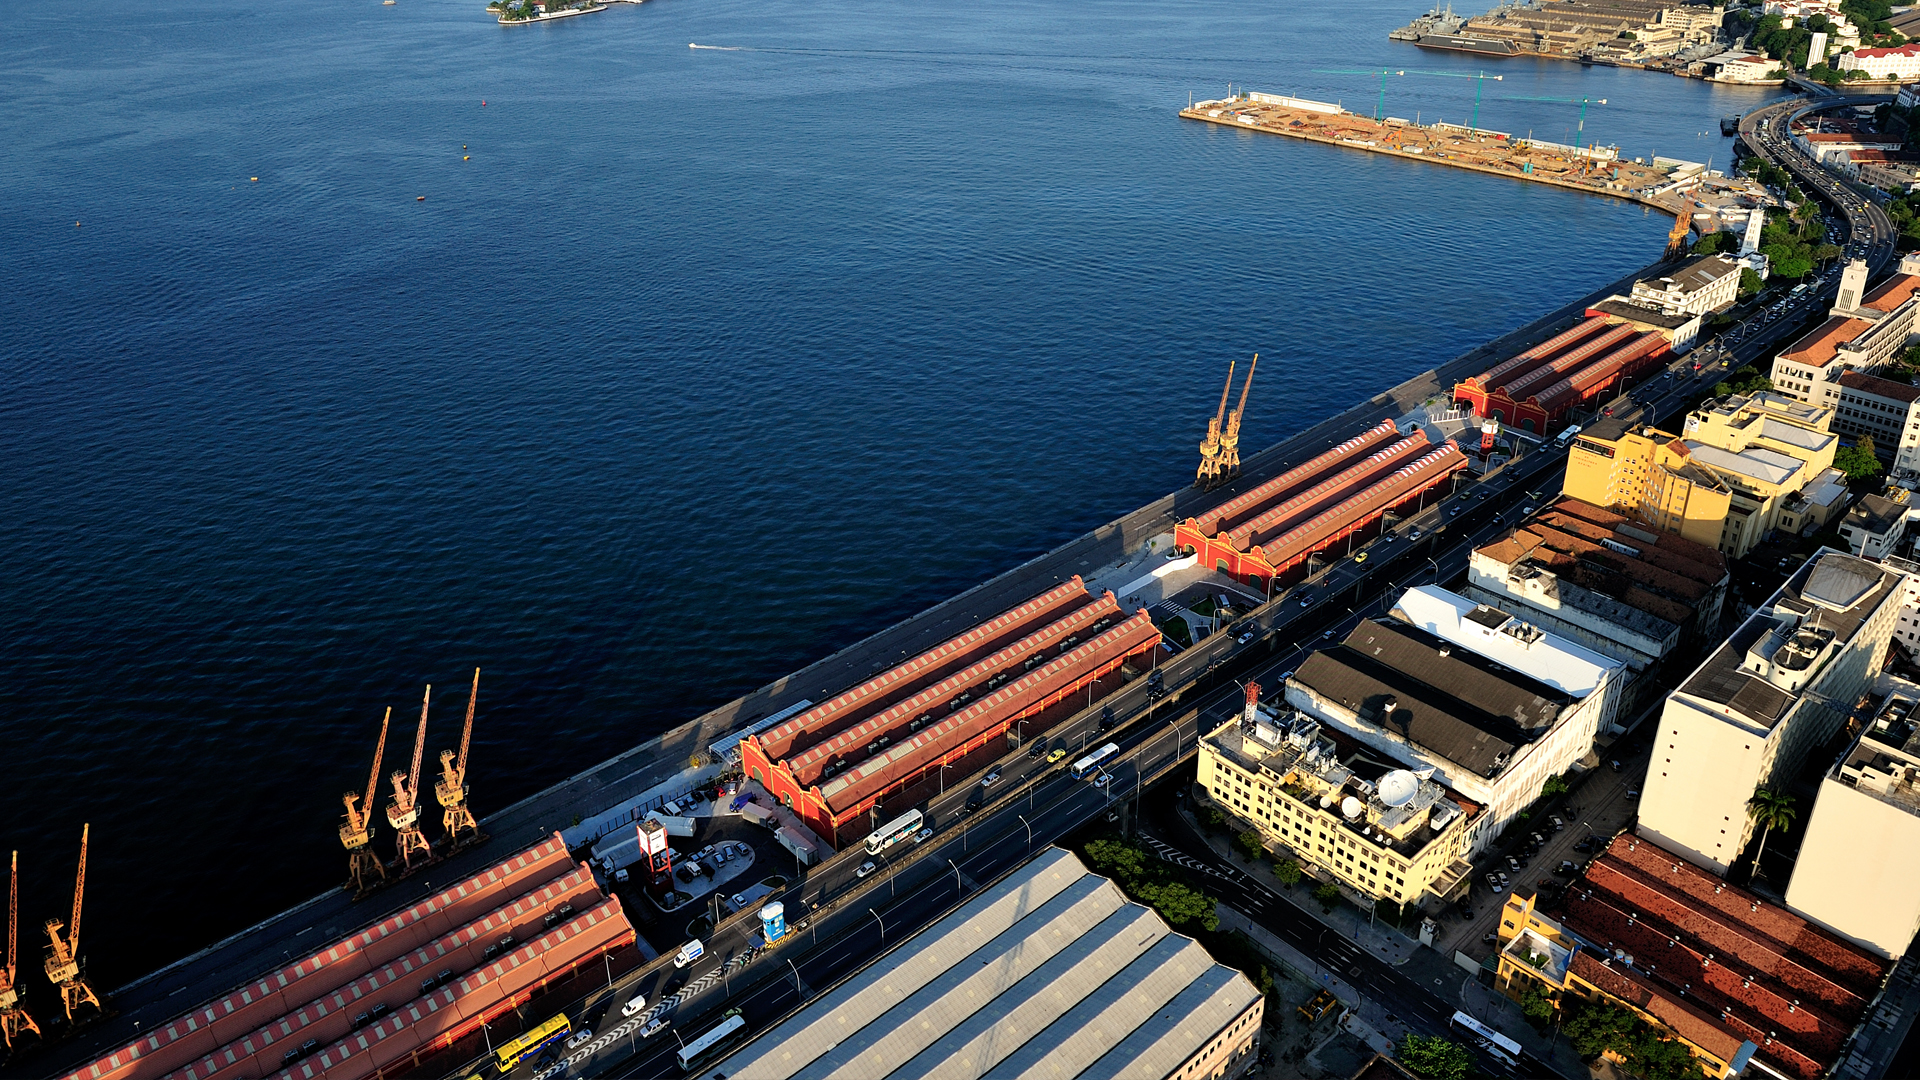 UWL - The Asset-Based Freight Forwarder - NVOCC - Port of Rio de Janeiro